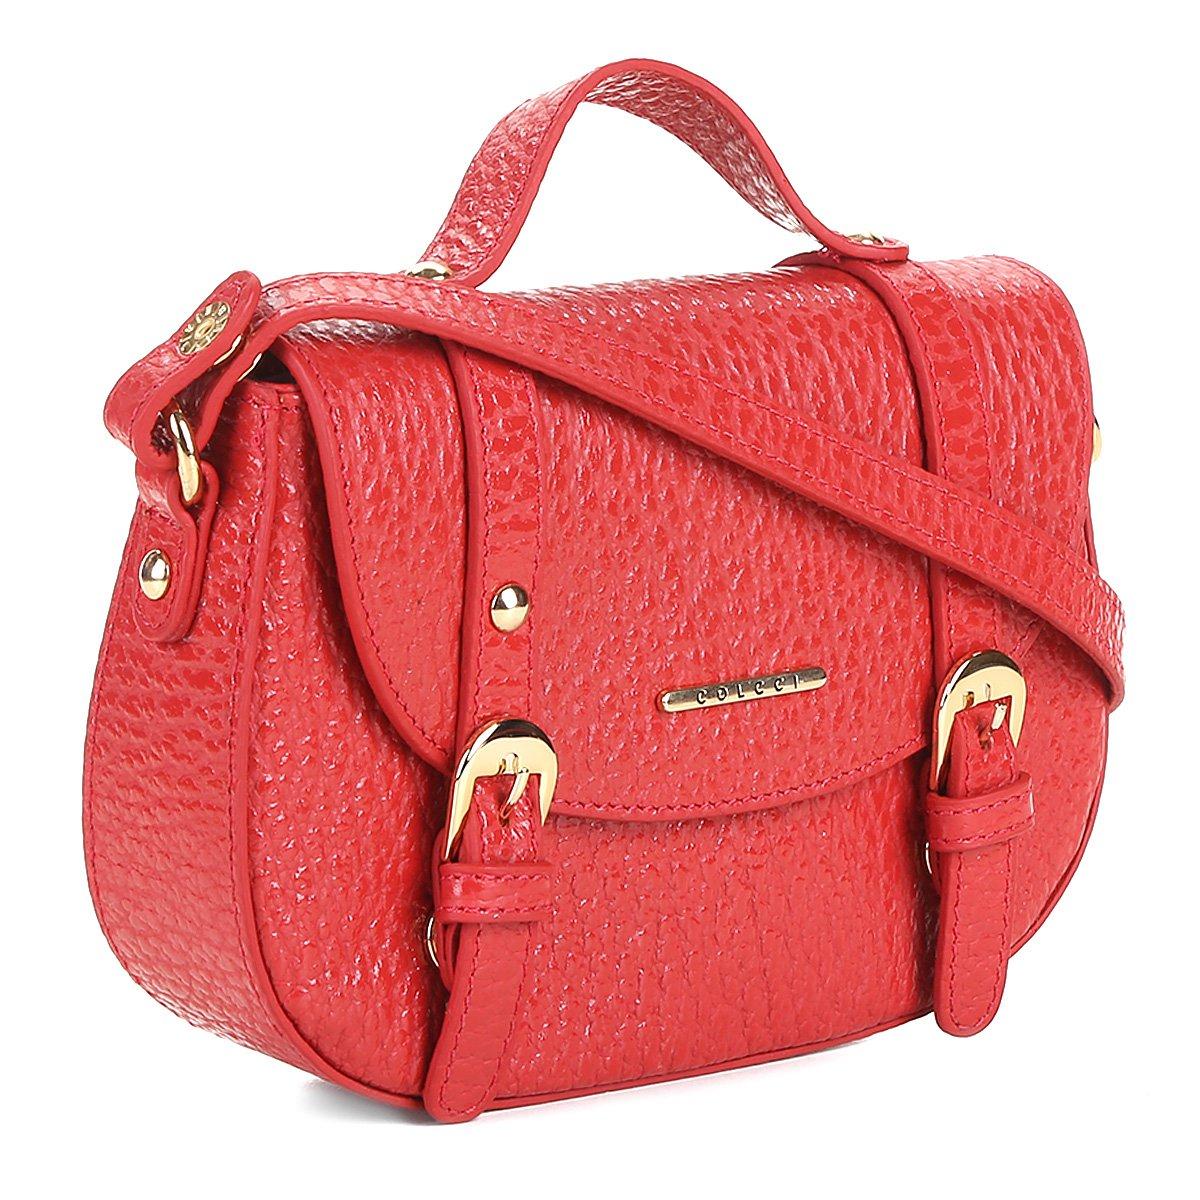 4cf087c6b Bolsa Couro Colcci Mini Bag Floater Fivelas Feminina   Livelo -Sua Vida com  Mais Recompensas